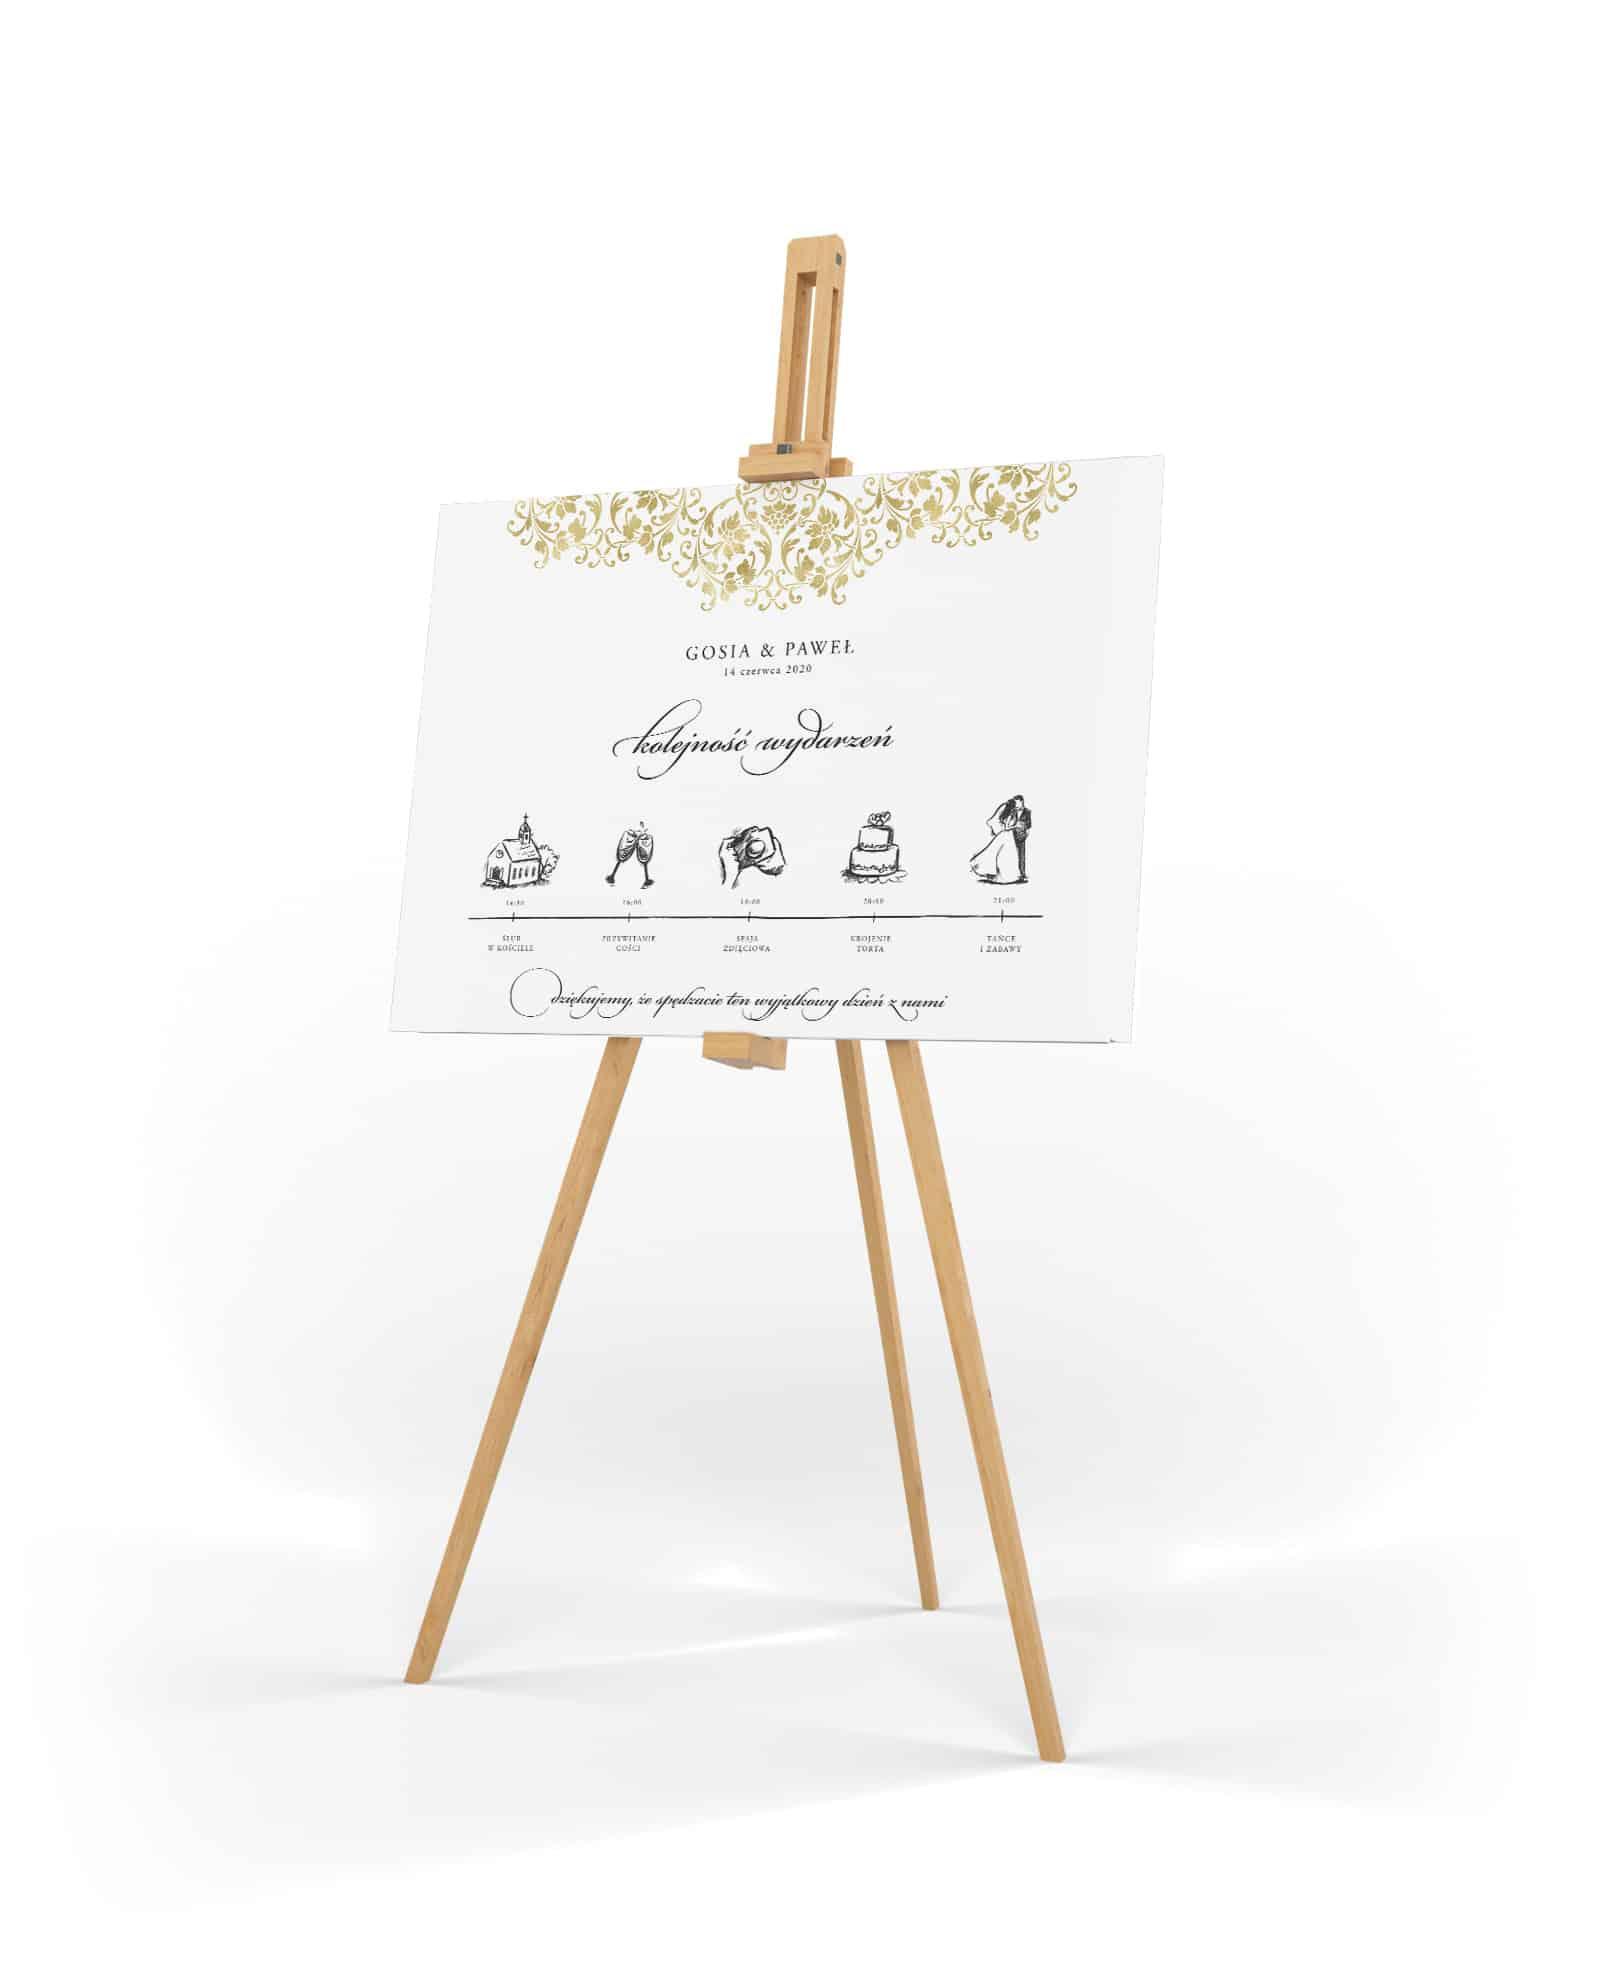 Kolejność wydarzeń na weselu przedstawiona na osi czasu z rysunkami